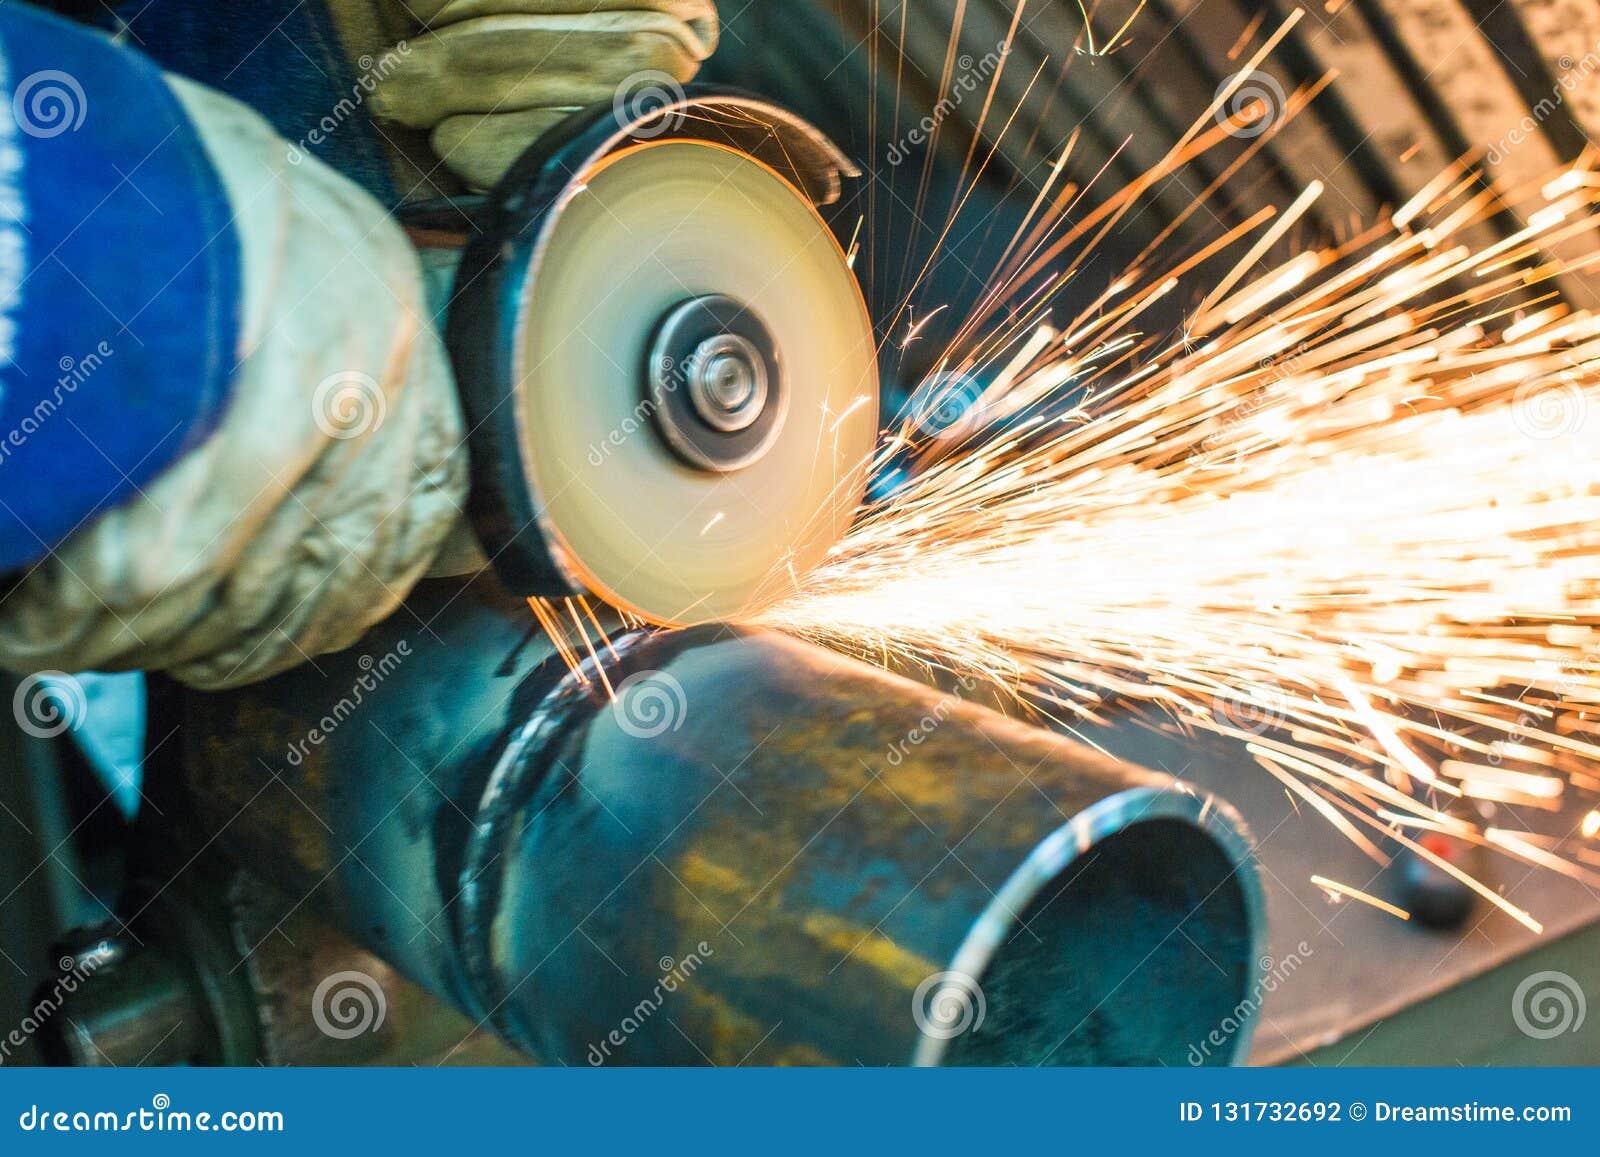 Le mécanicien nettoie une couture soudée sur une section d un pépin en acier